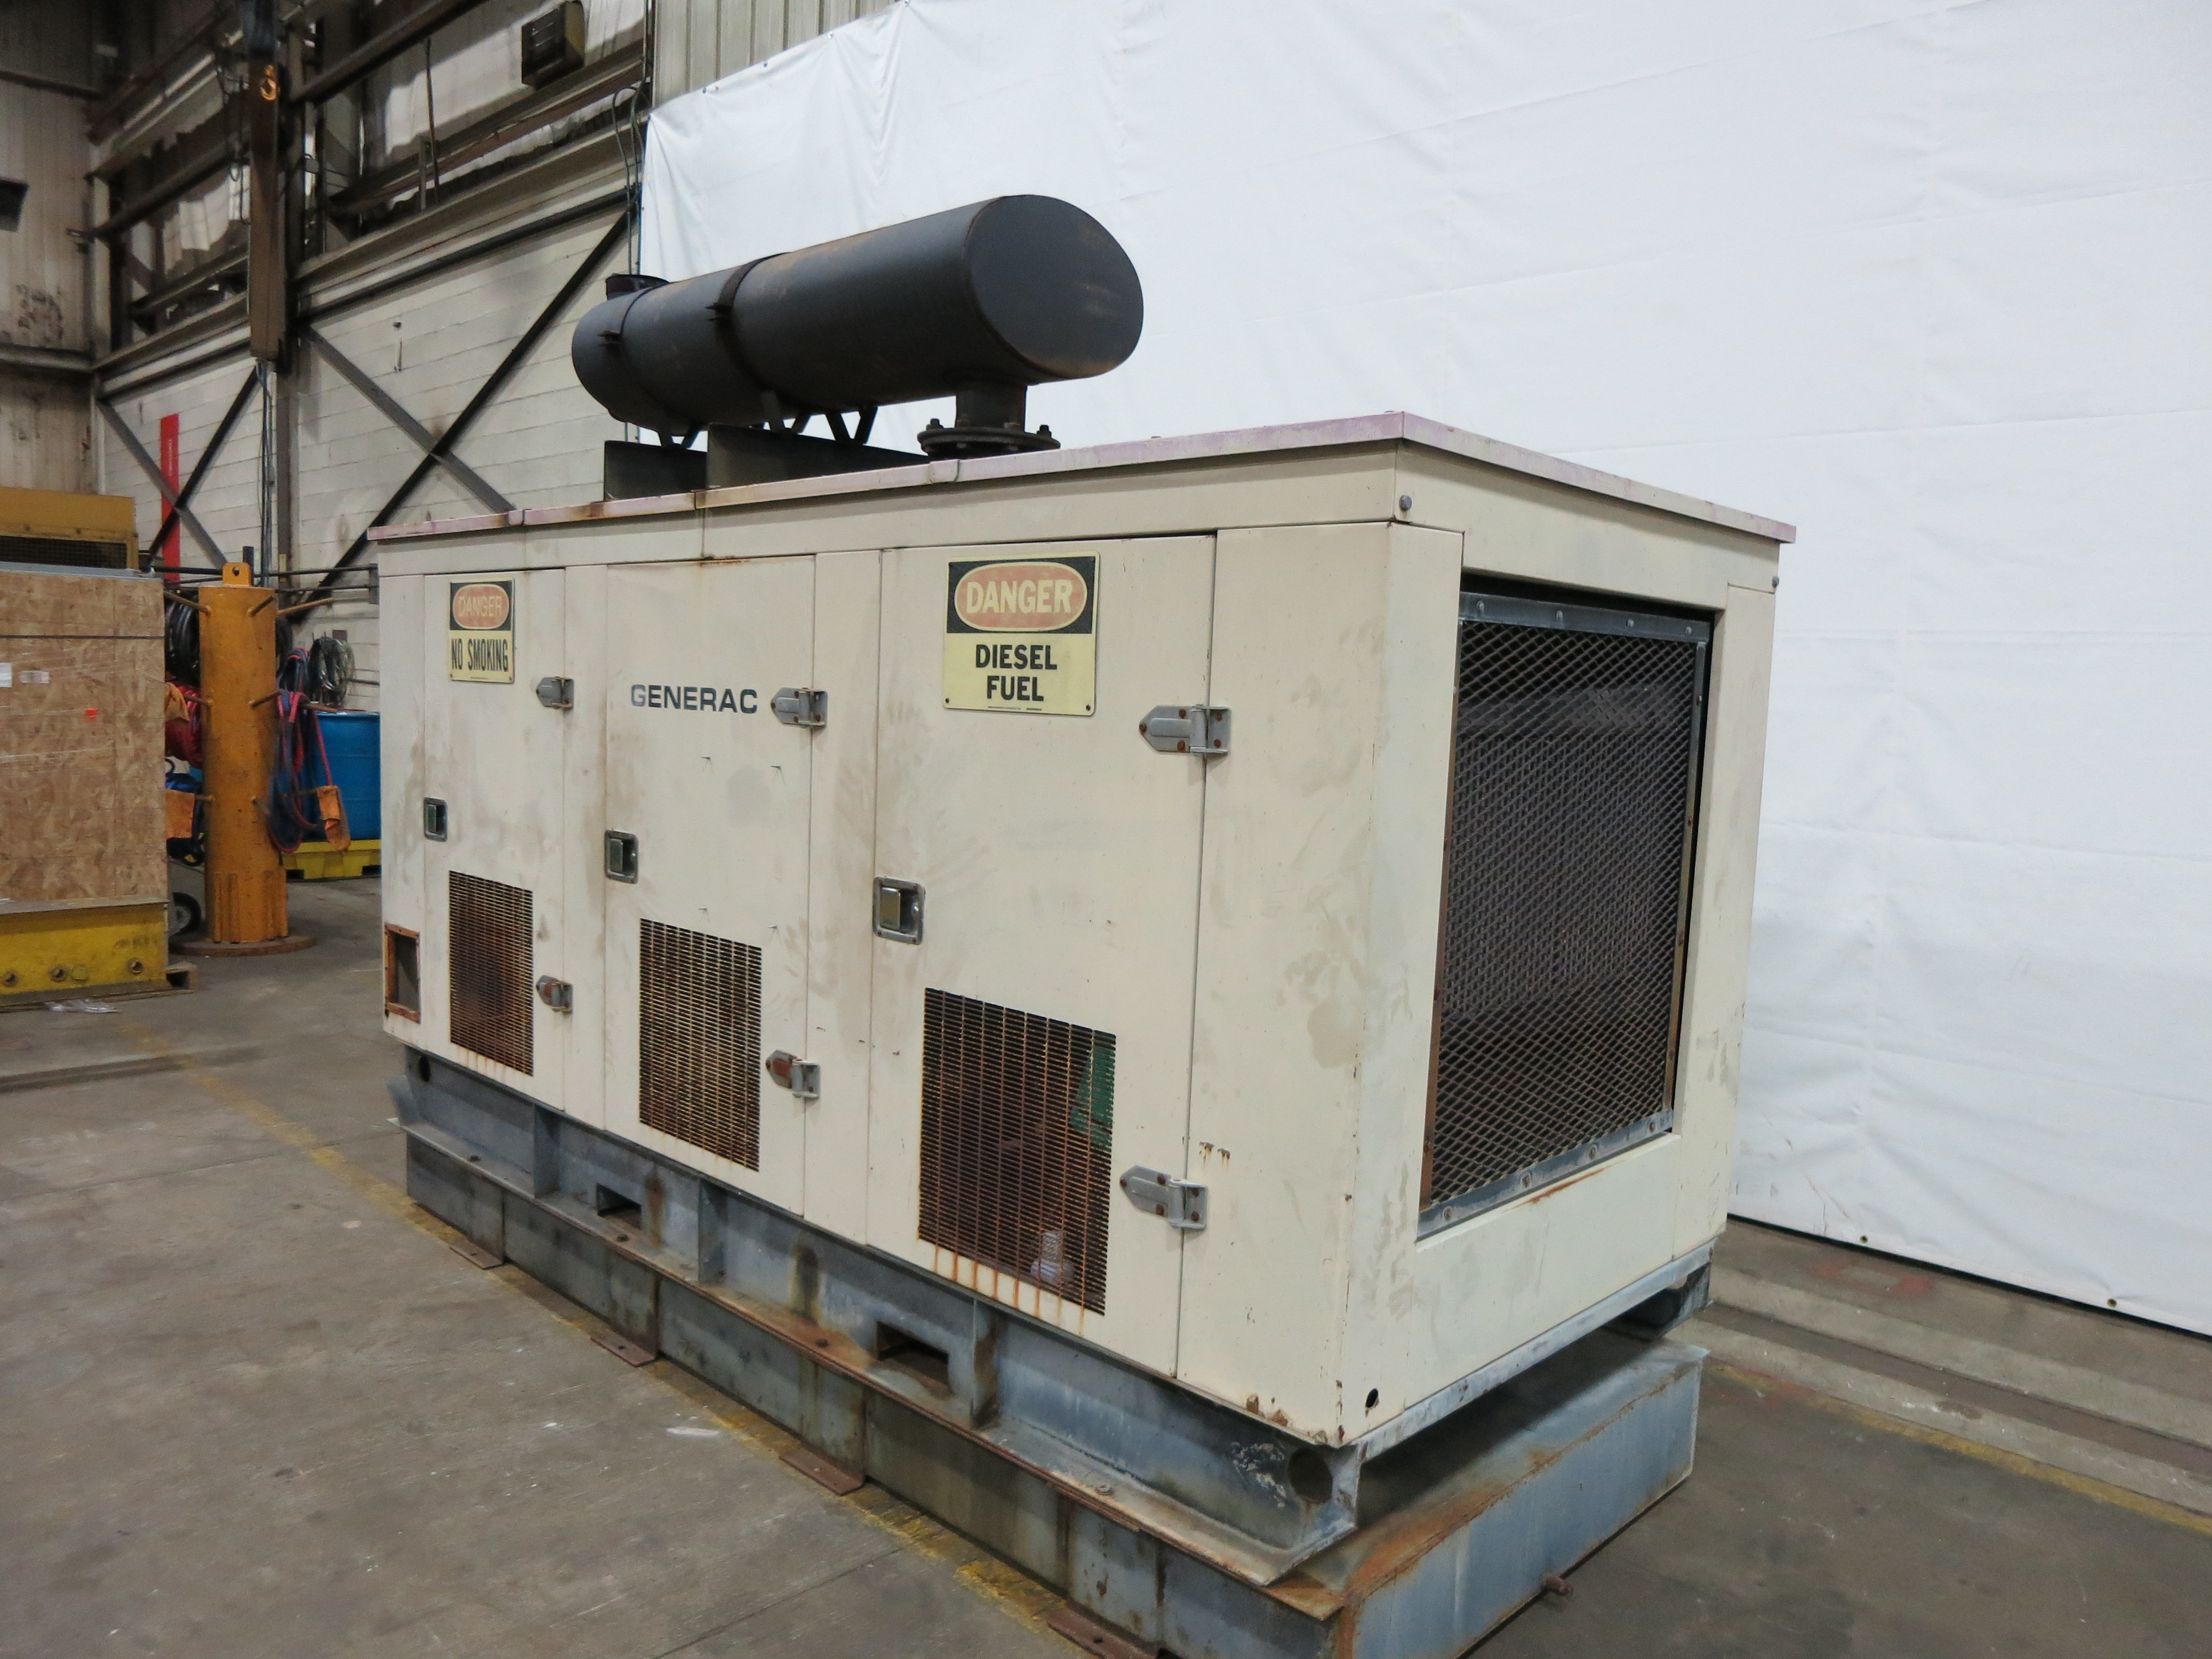 Used Generac SD250 Diesel Generator